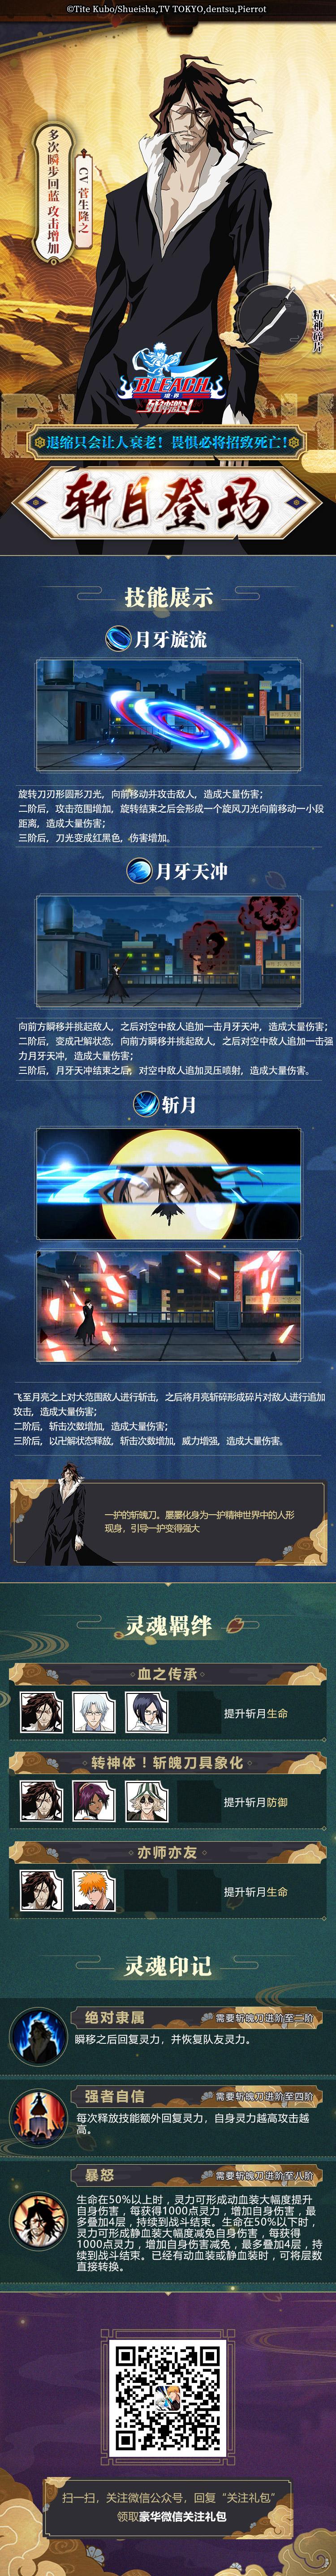 斩月长图(1).jpg